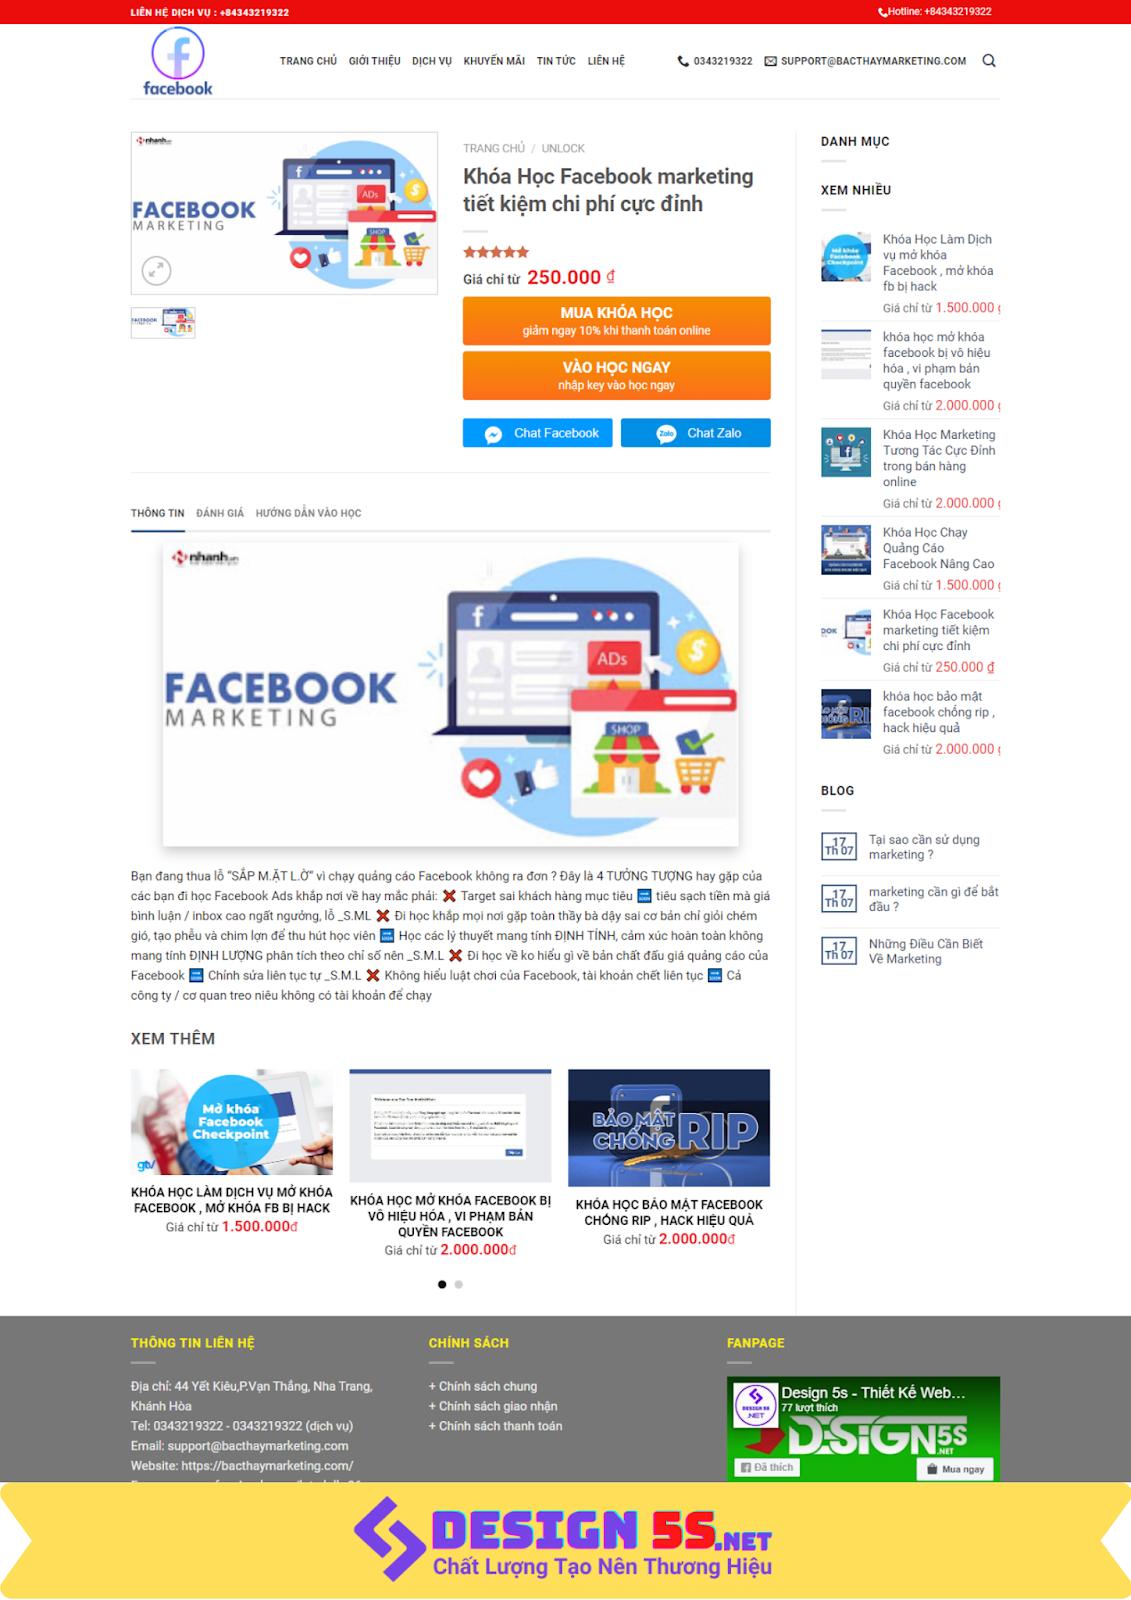 Mẫu website bán khóa học online chuyên nghiếp chuẩn google - Ảnh 2